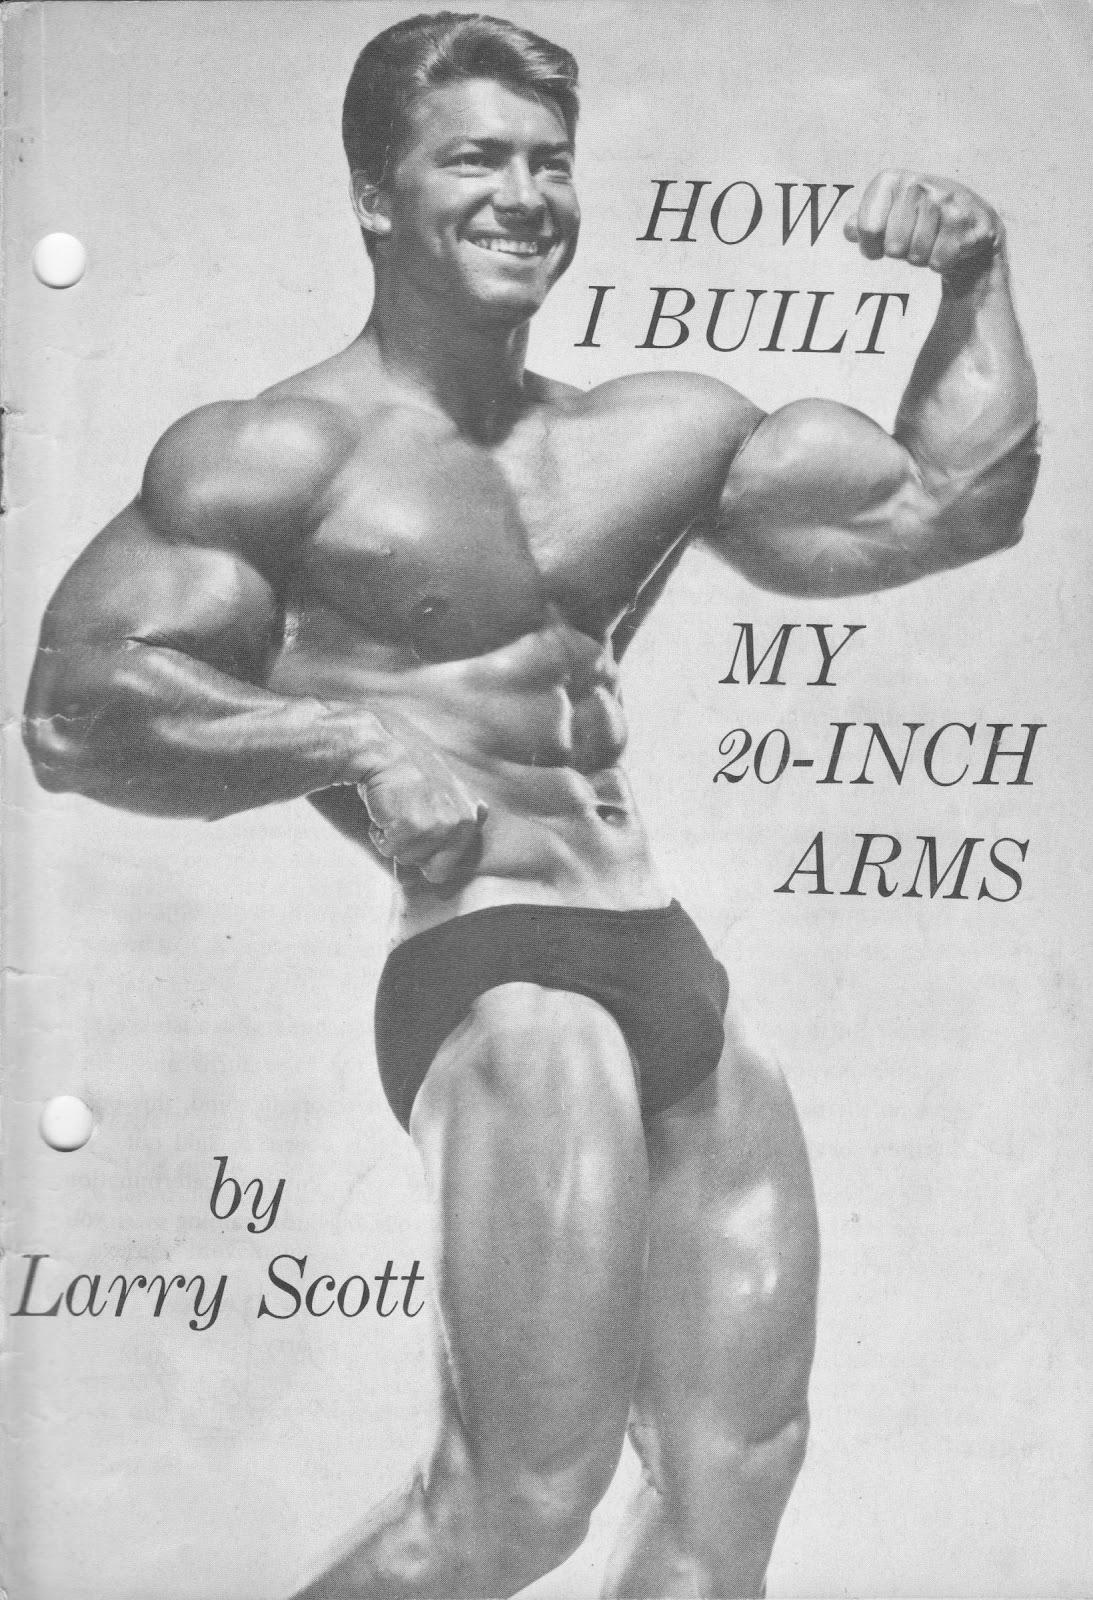 Larry Scott BodyBuilder - Diet & Workout | Larry Scott